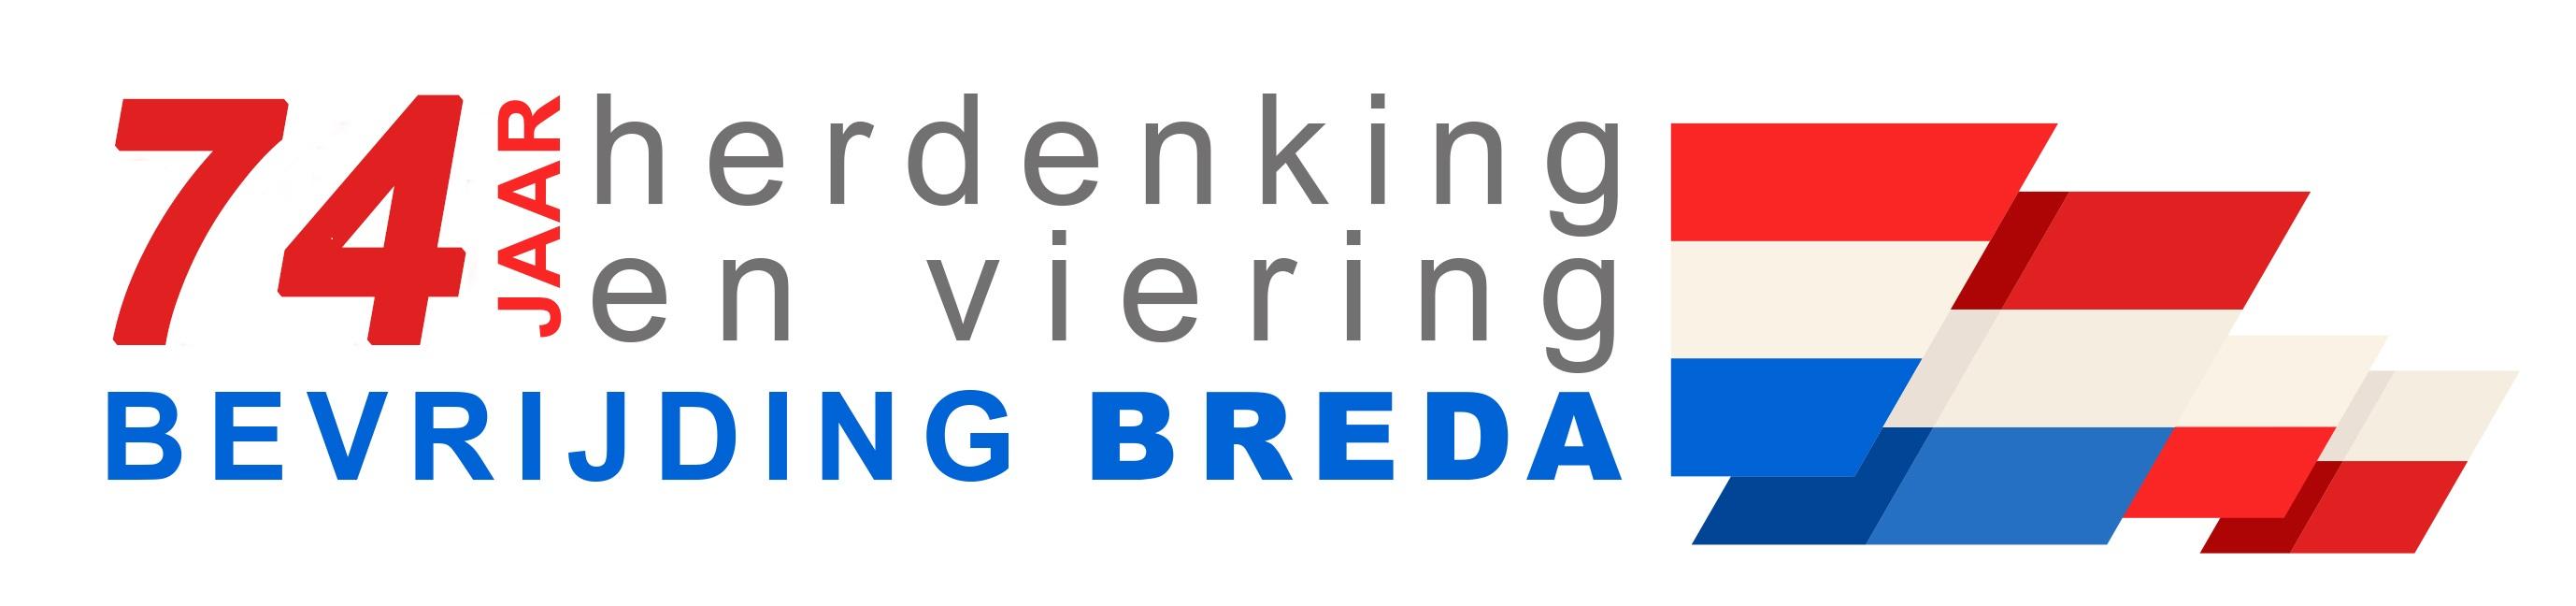 74 Herdenking Bevrijding Breda